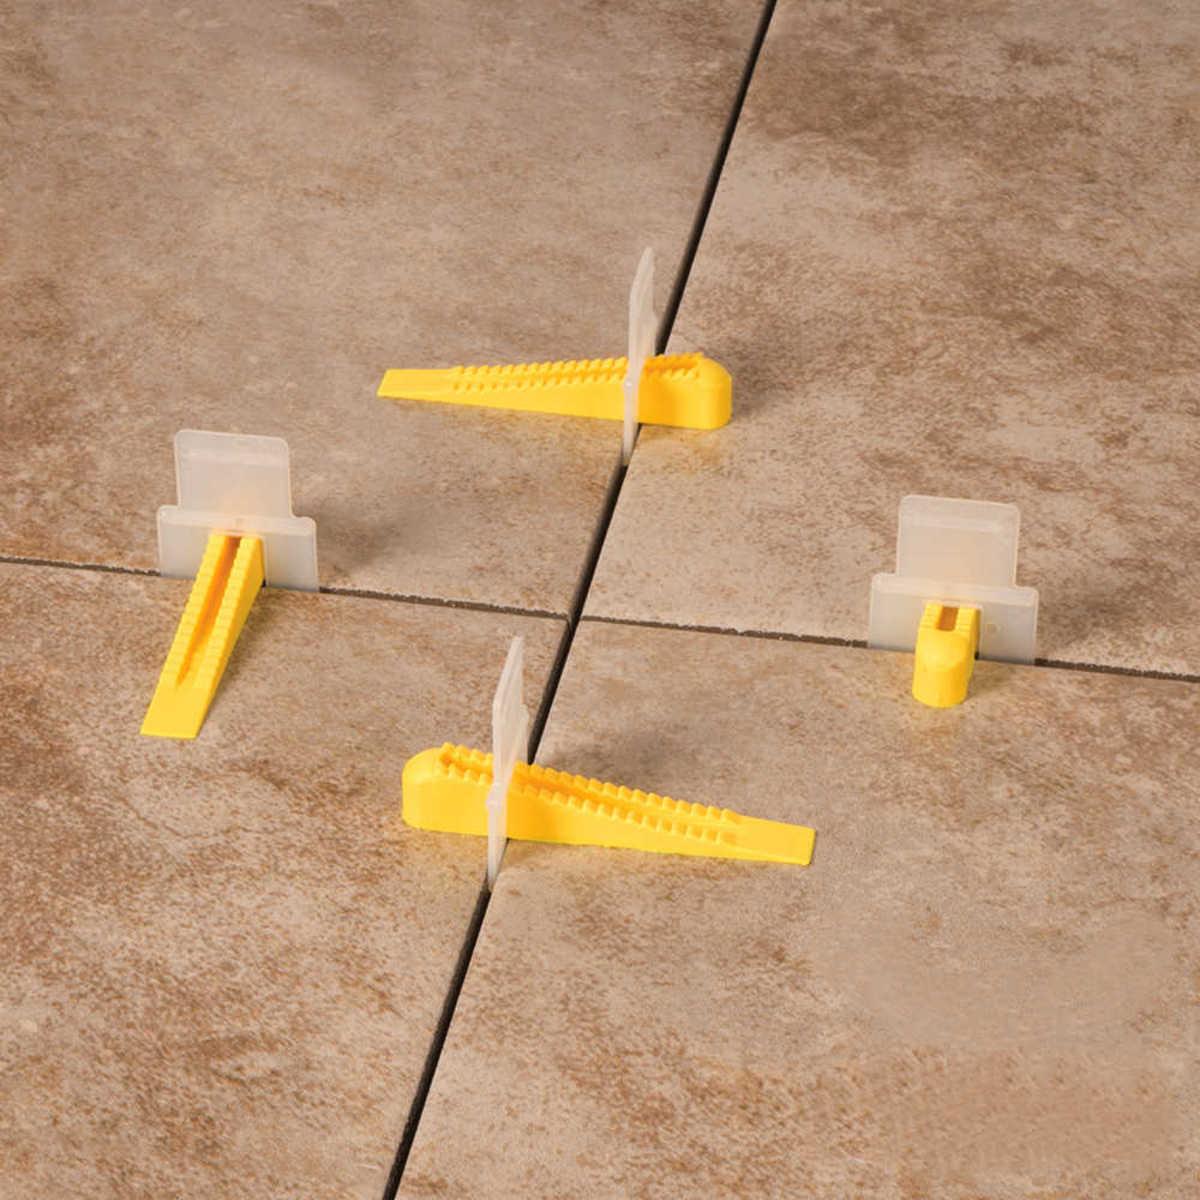 tile spacer untuk meratakan permukaan keramik dan nat